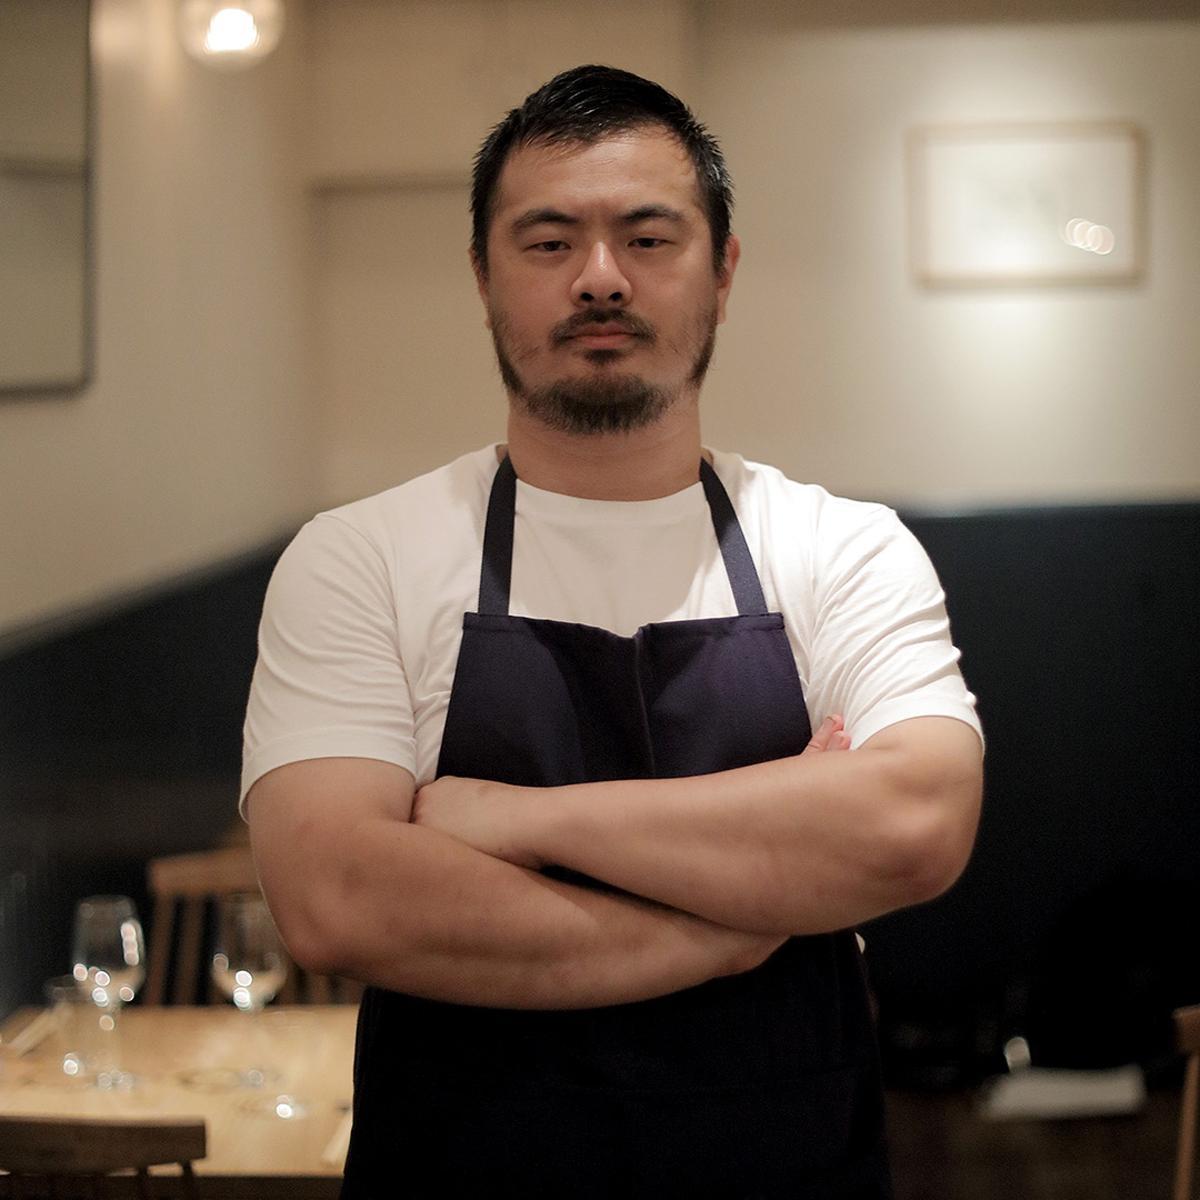 レストラン「sio」オーナーシェフの鳥羽周作さん